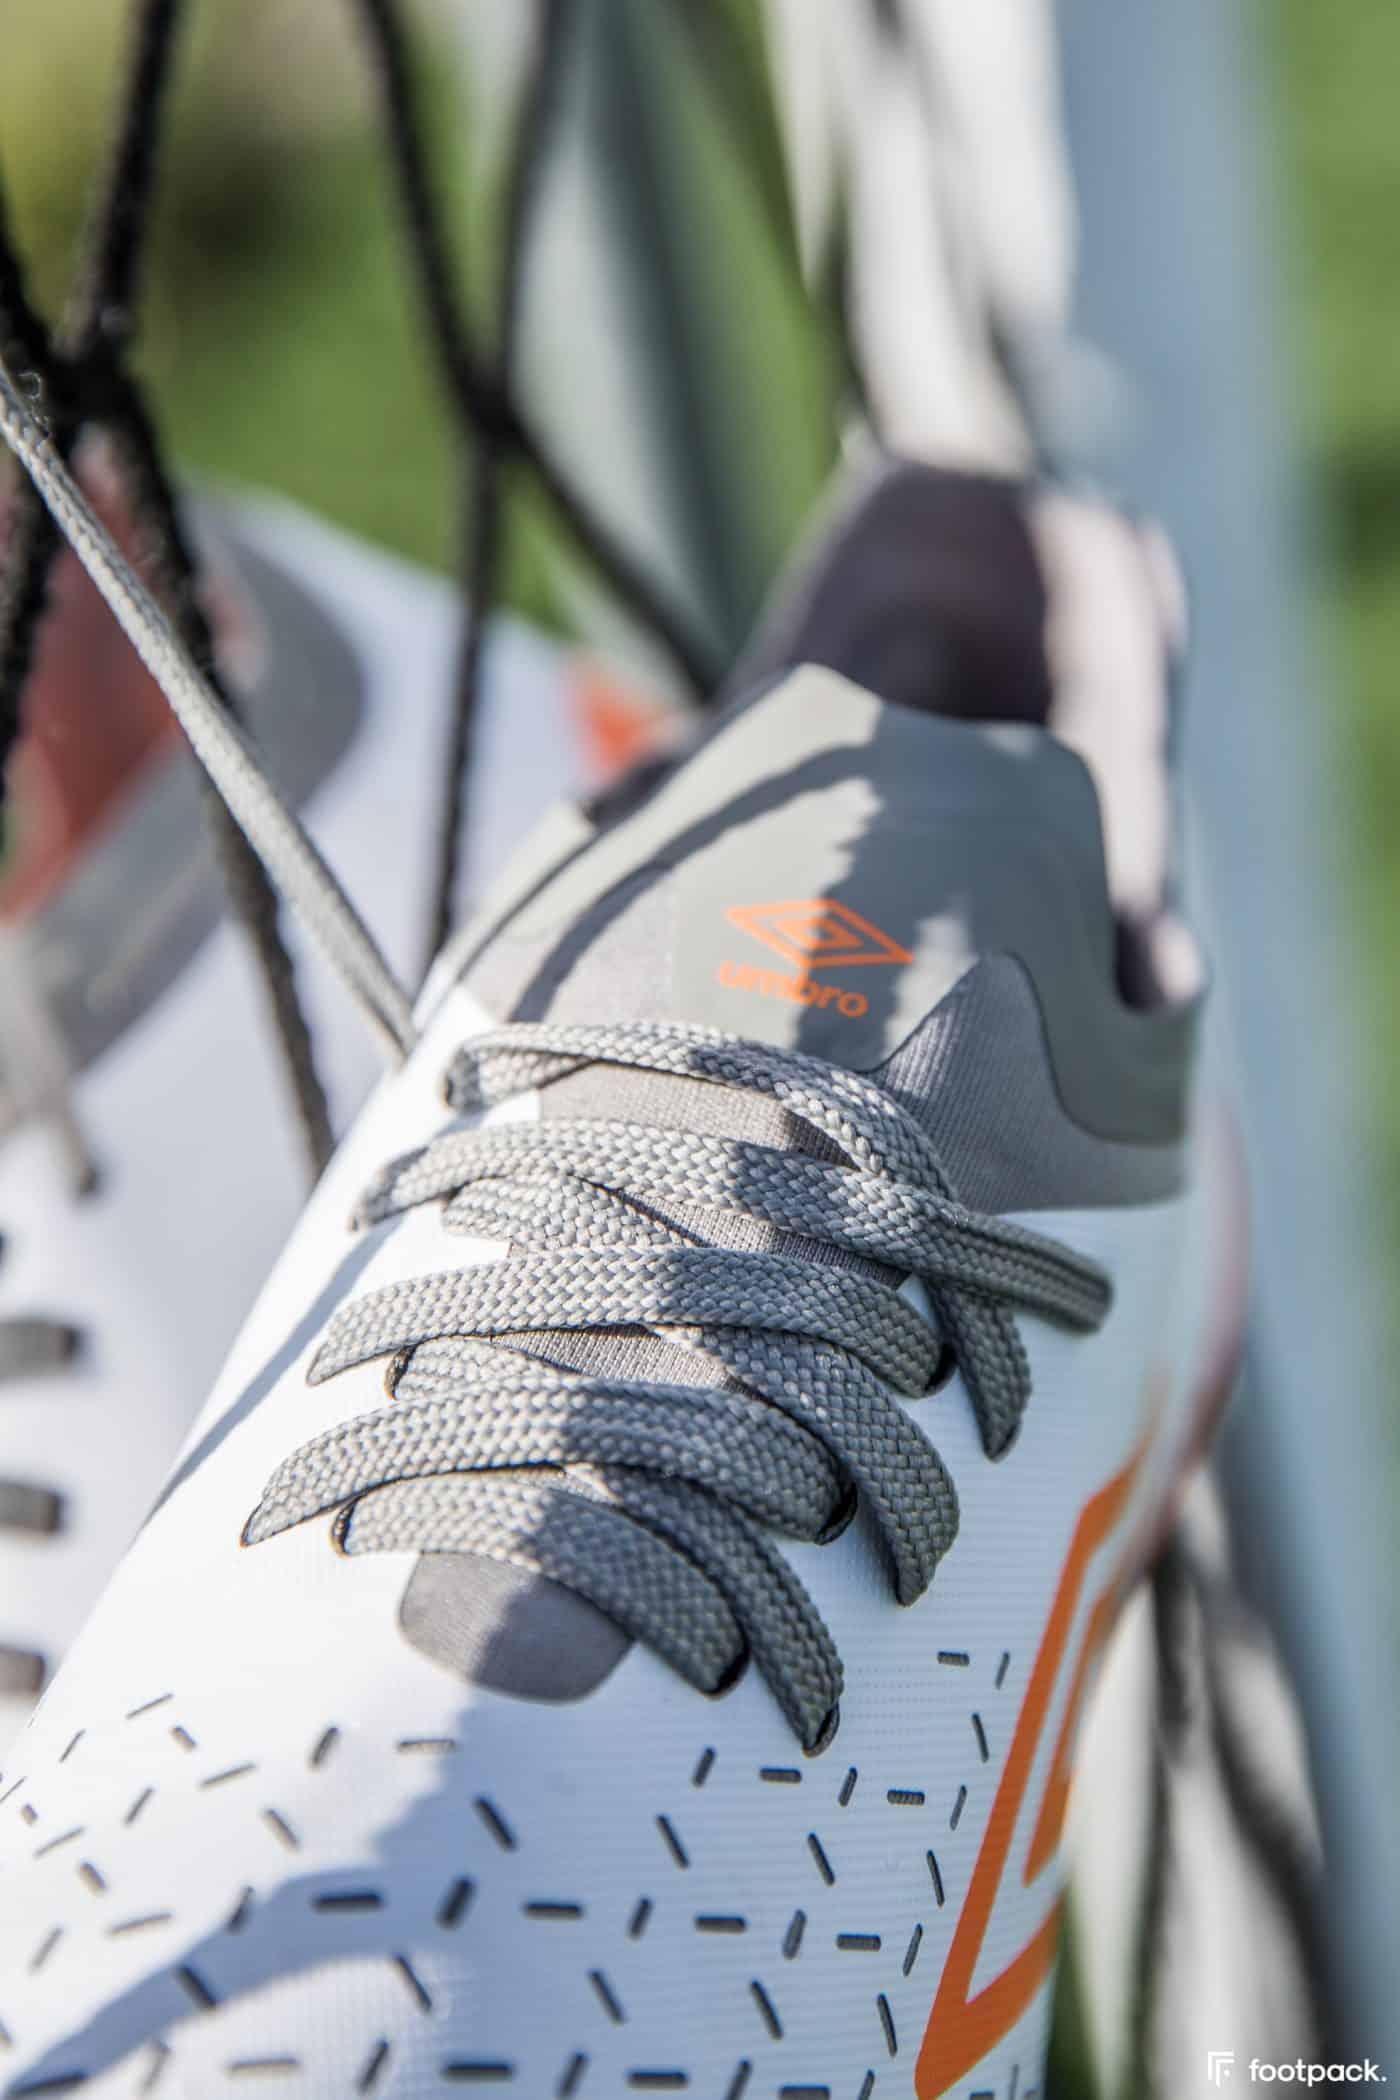 umbro-velocita-5-blanche-orange-footpack-10